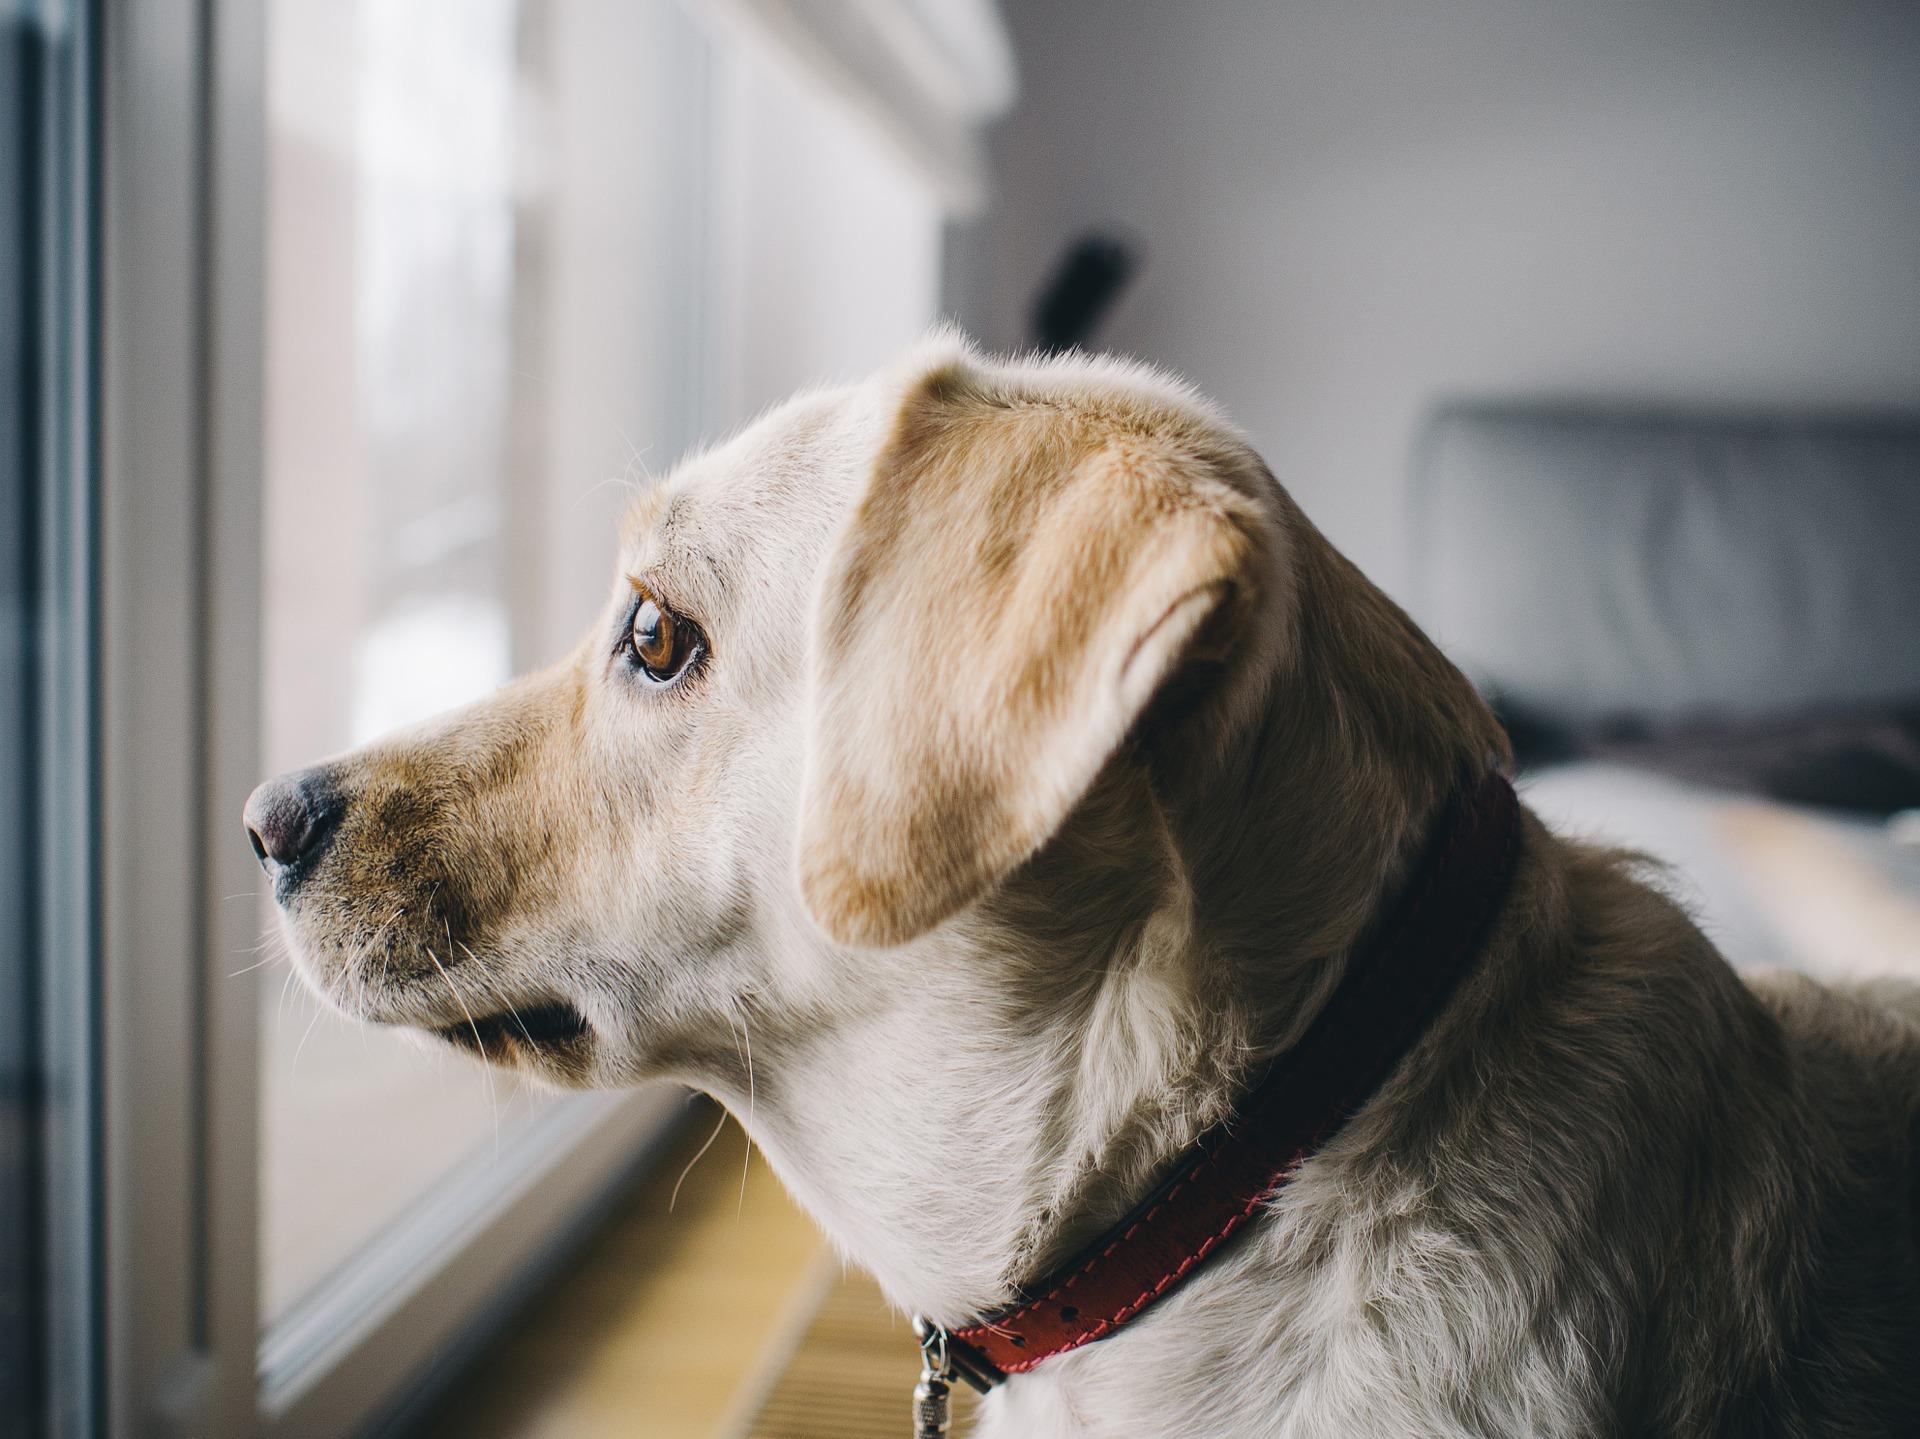 Lęk separacyjny najczęściej dotyka psy zaraz po wejściu w okres dojrzałości. Należy od szczeniaka uczyć psa pozostawiania samemu w domu.